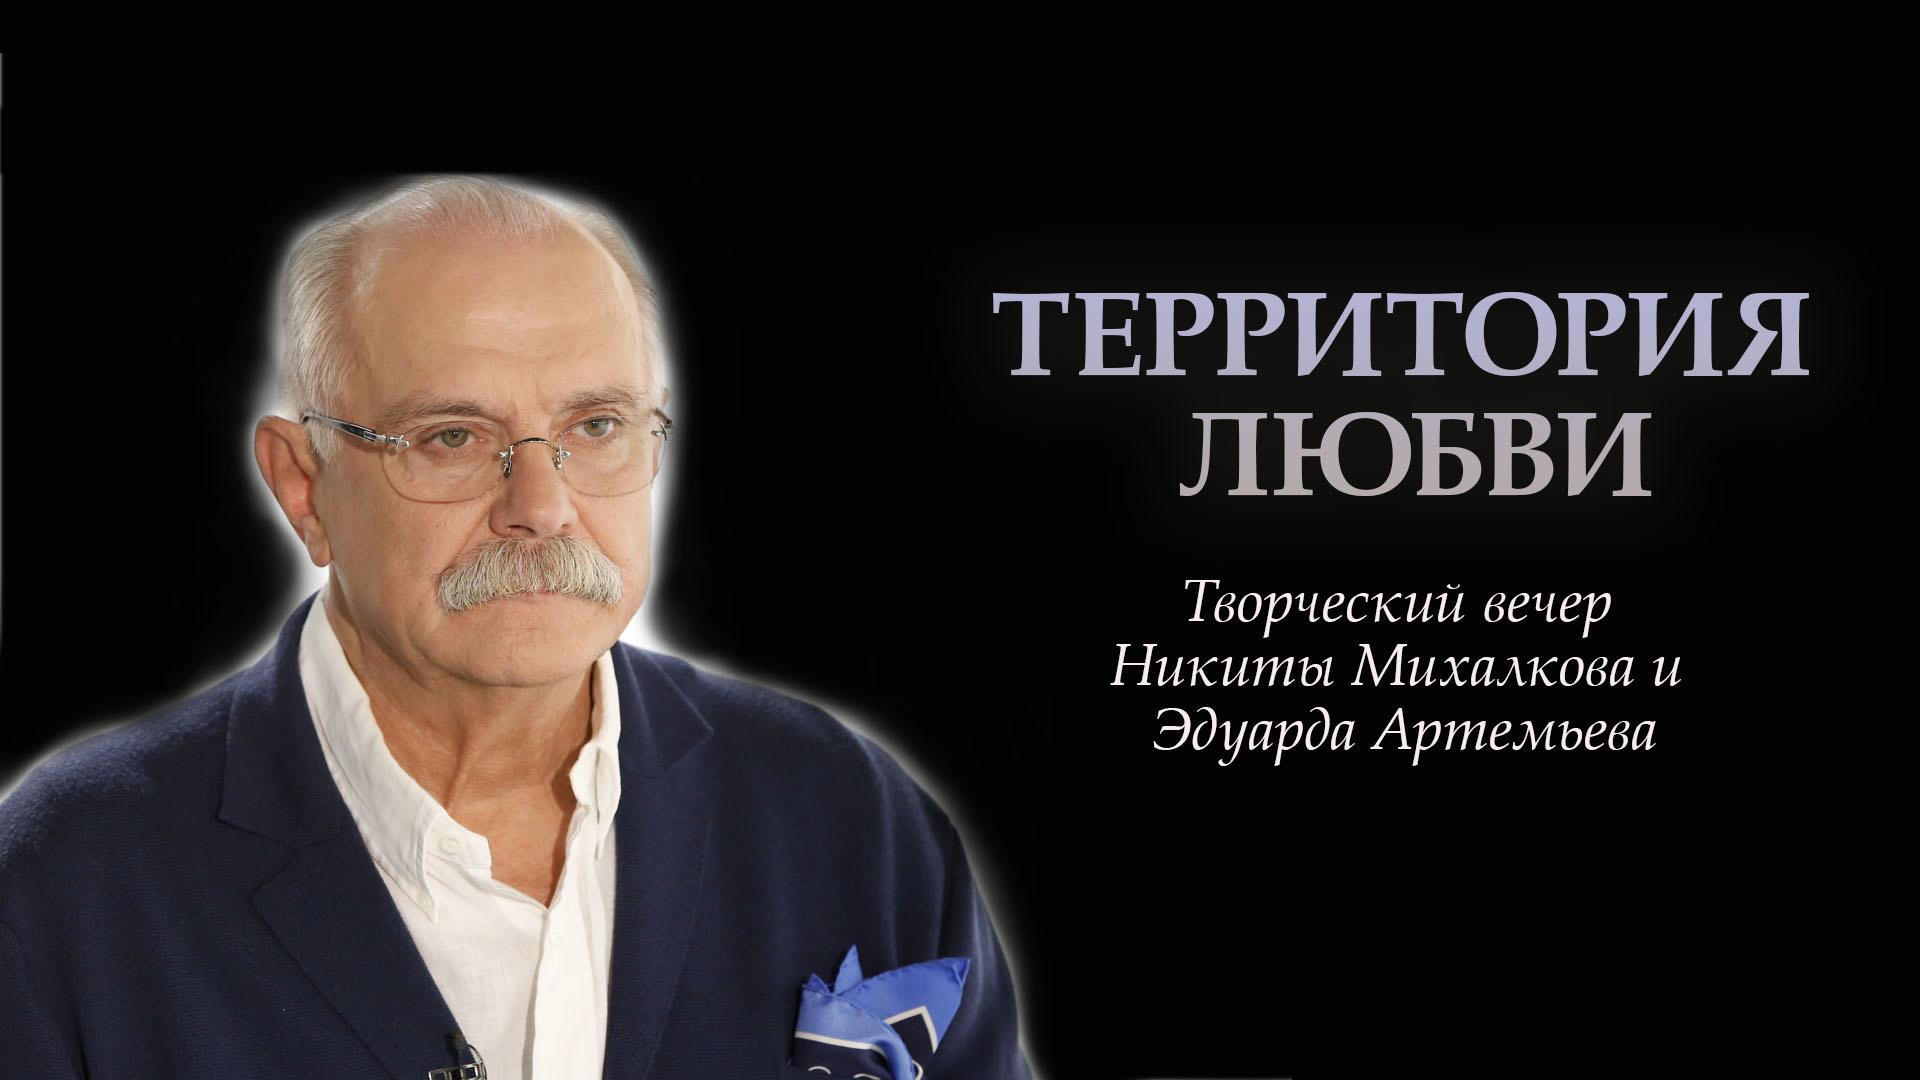 """Творческий вечер Никиты Михалкова и Эдуарда Артемьева """"Территория любви"""""""